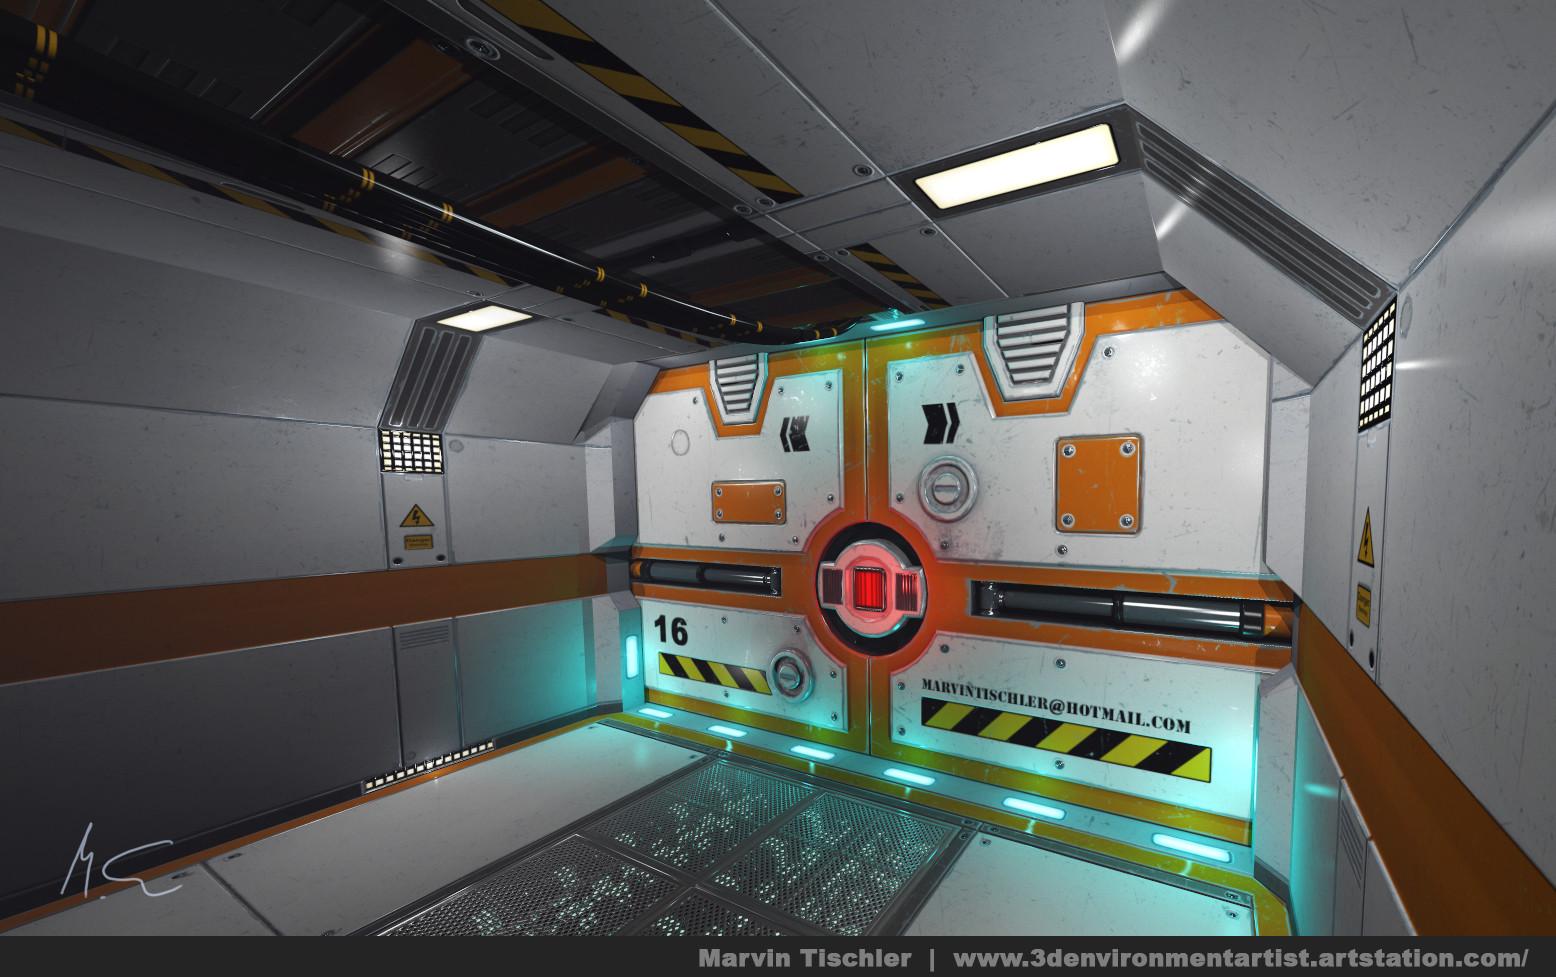 Marvin tischler hallway scifi 001 a